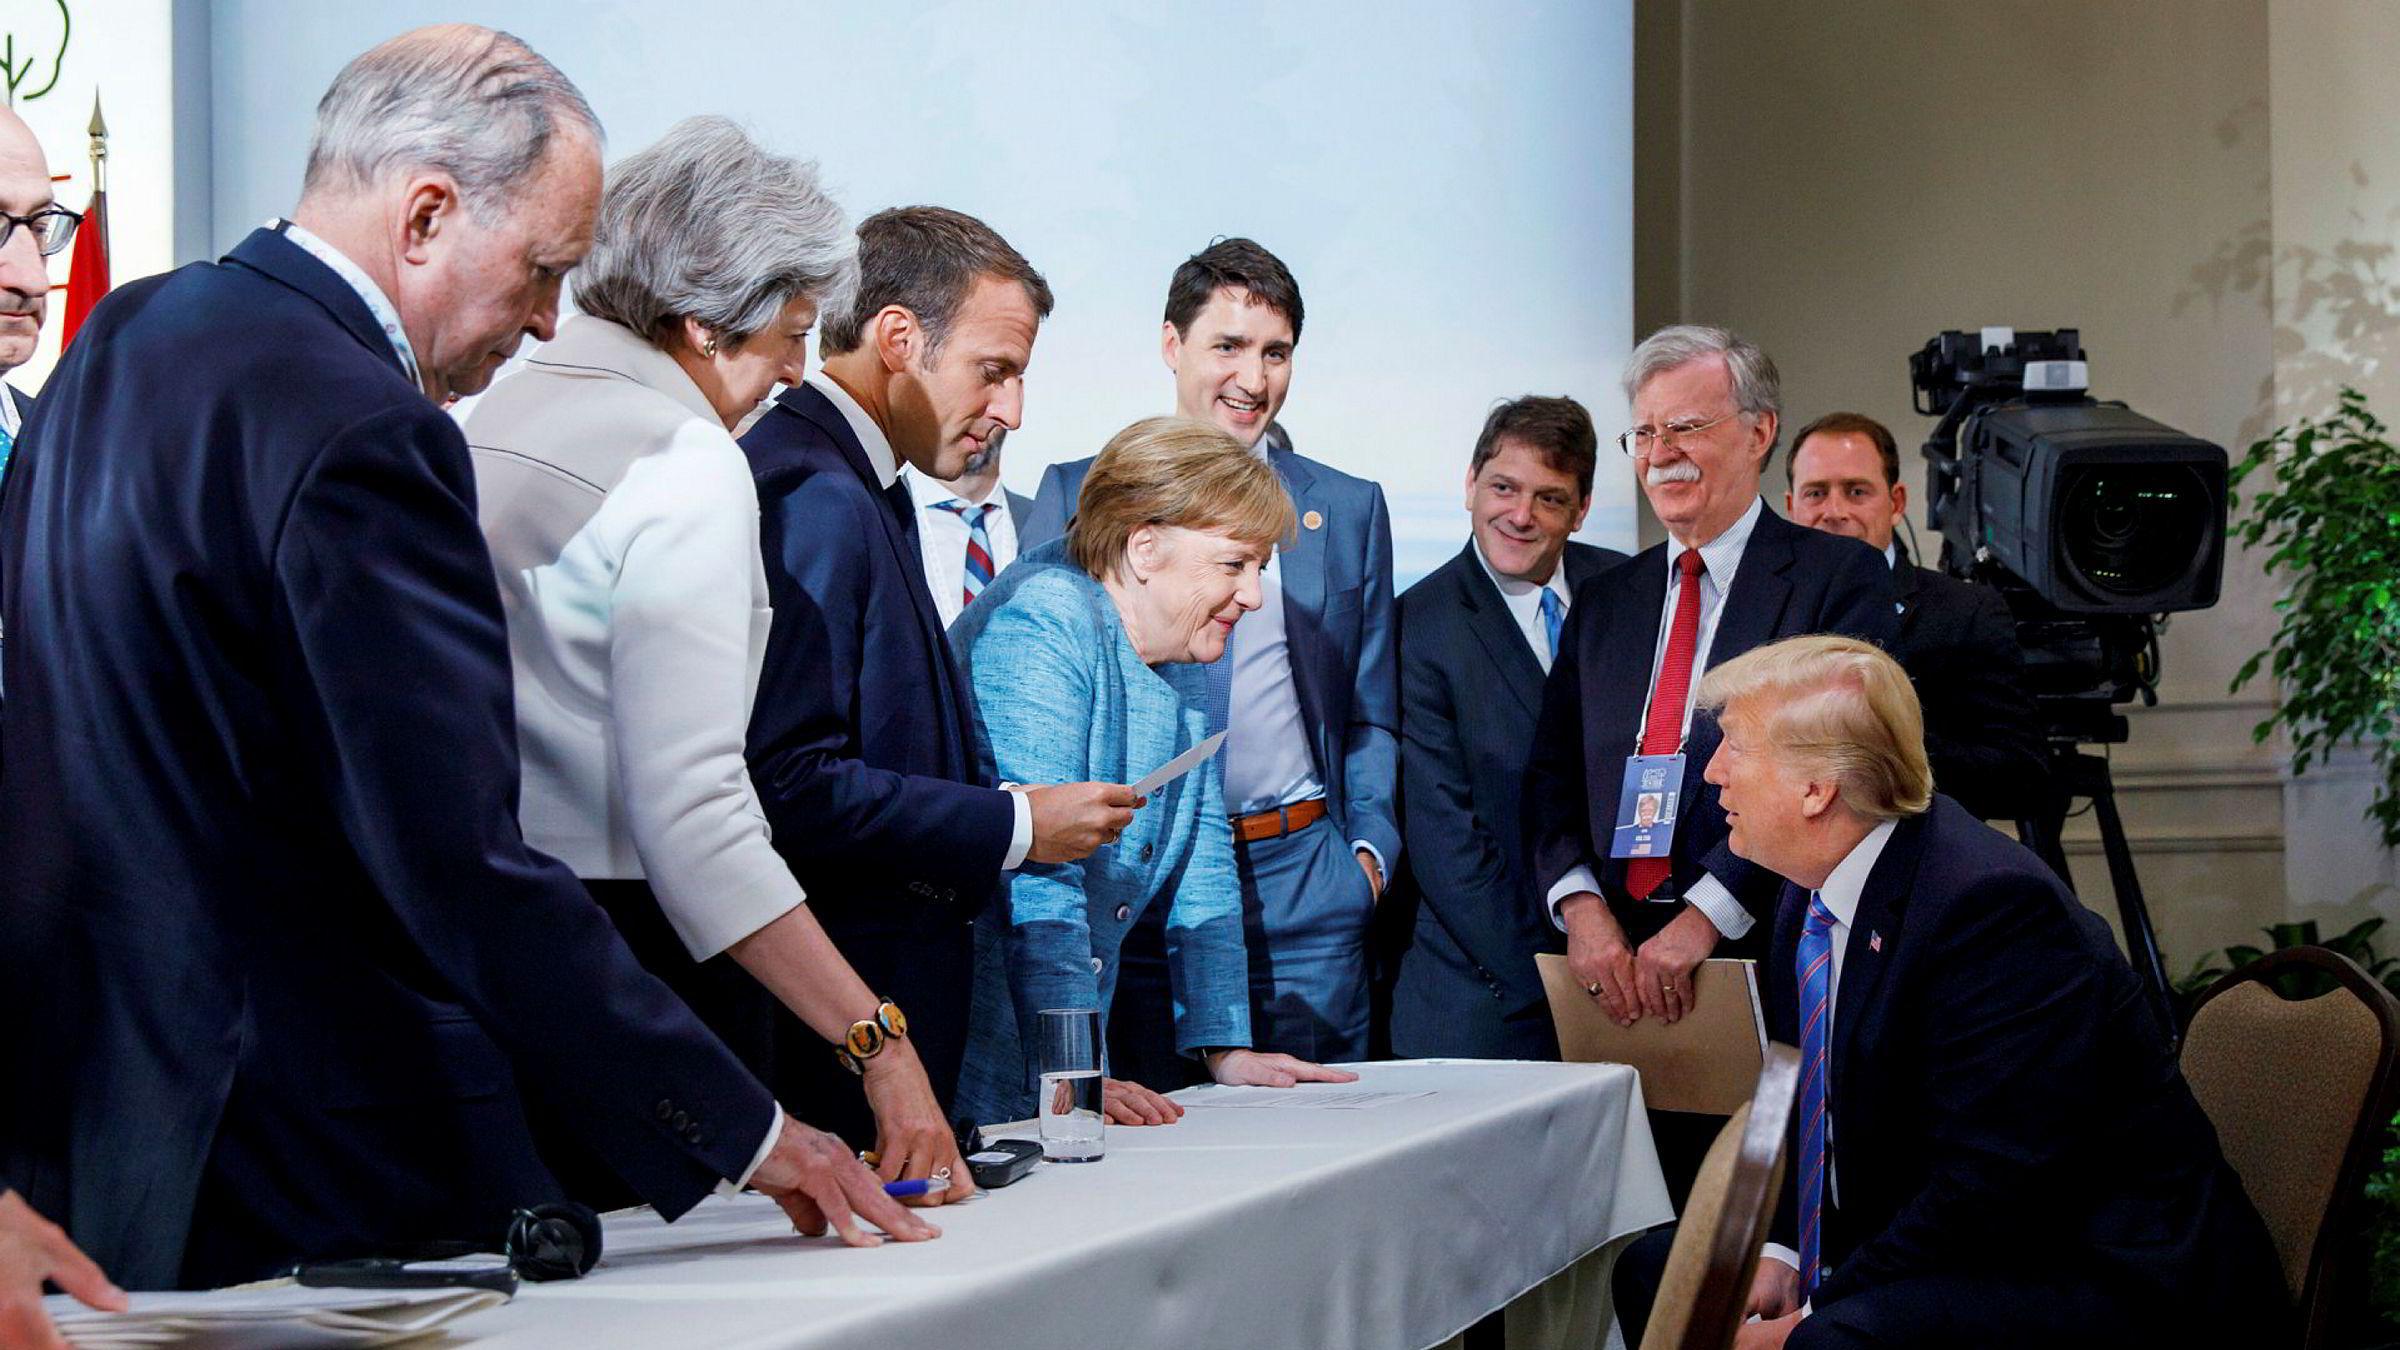 USAs vestlige allierte vender seg mot Donald Trump.